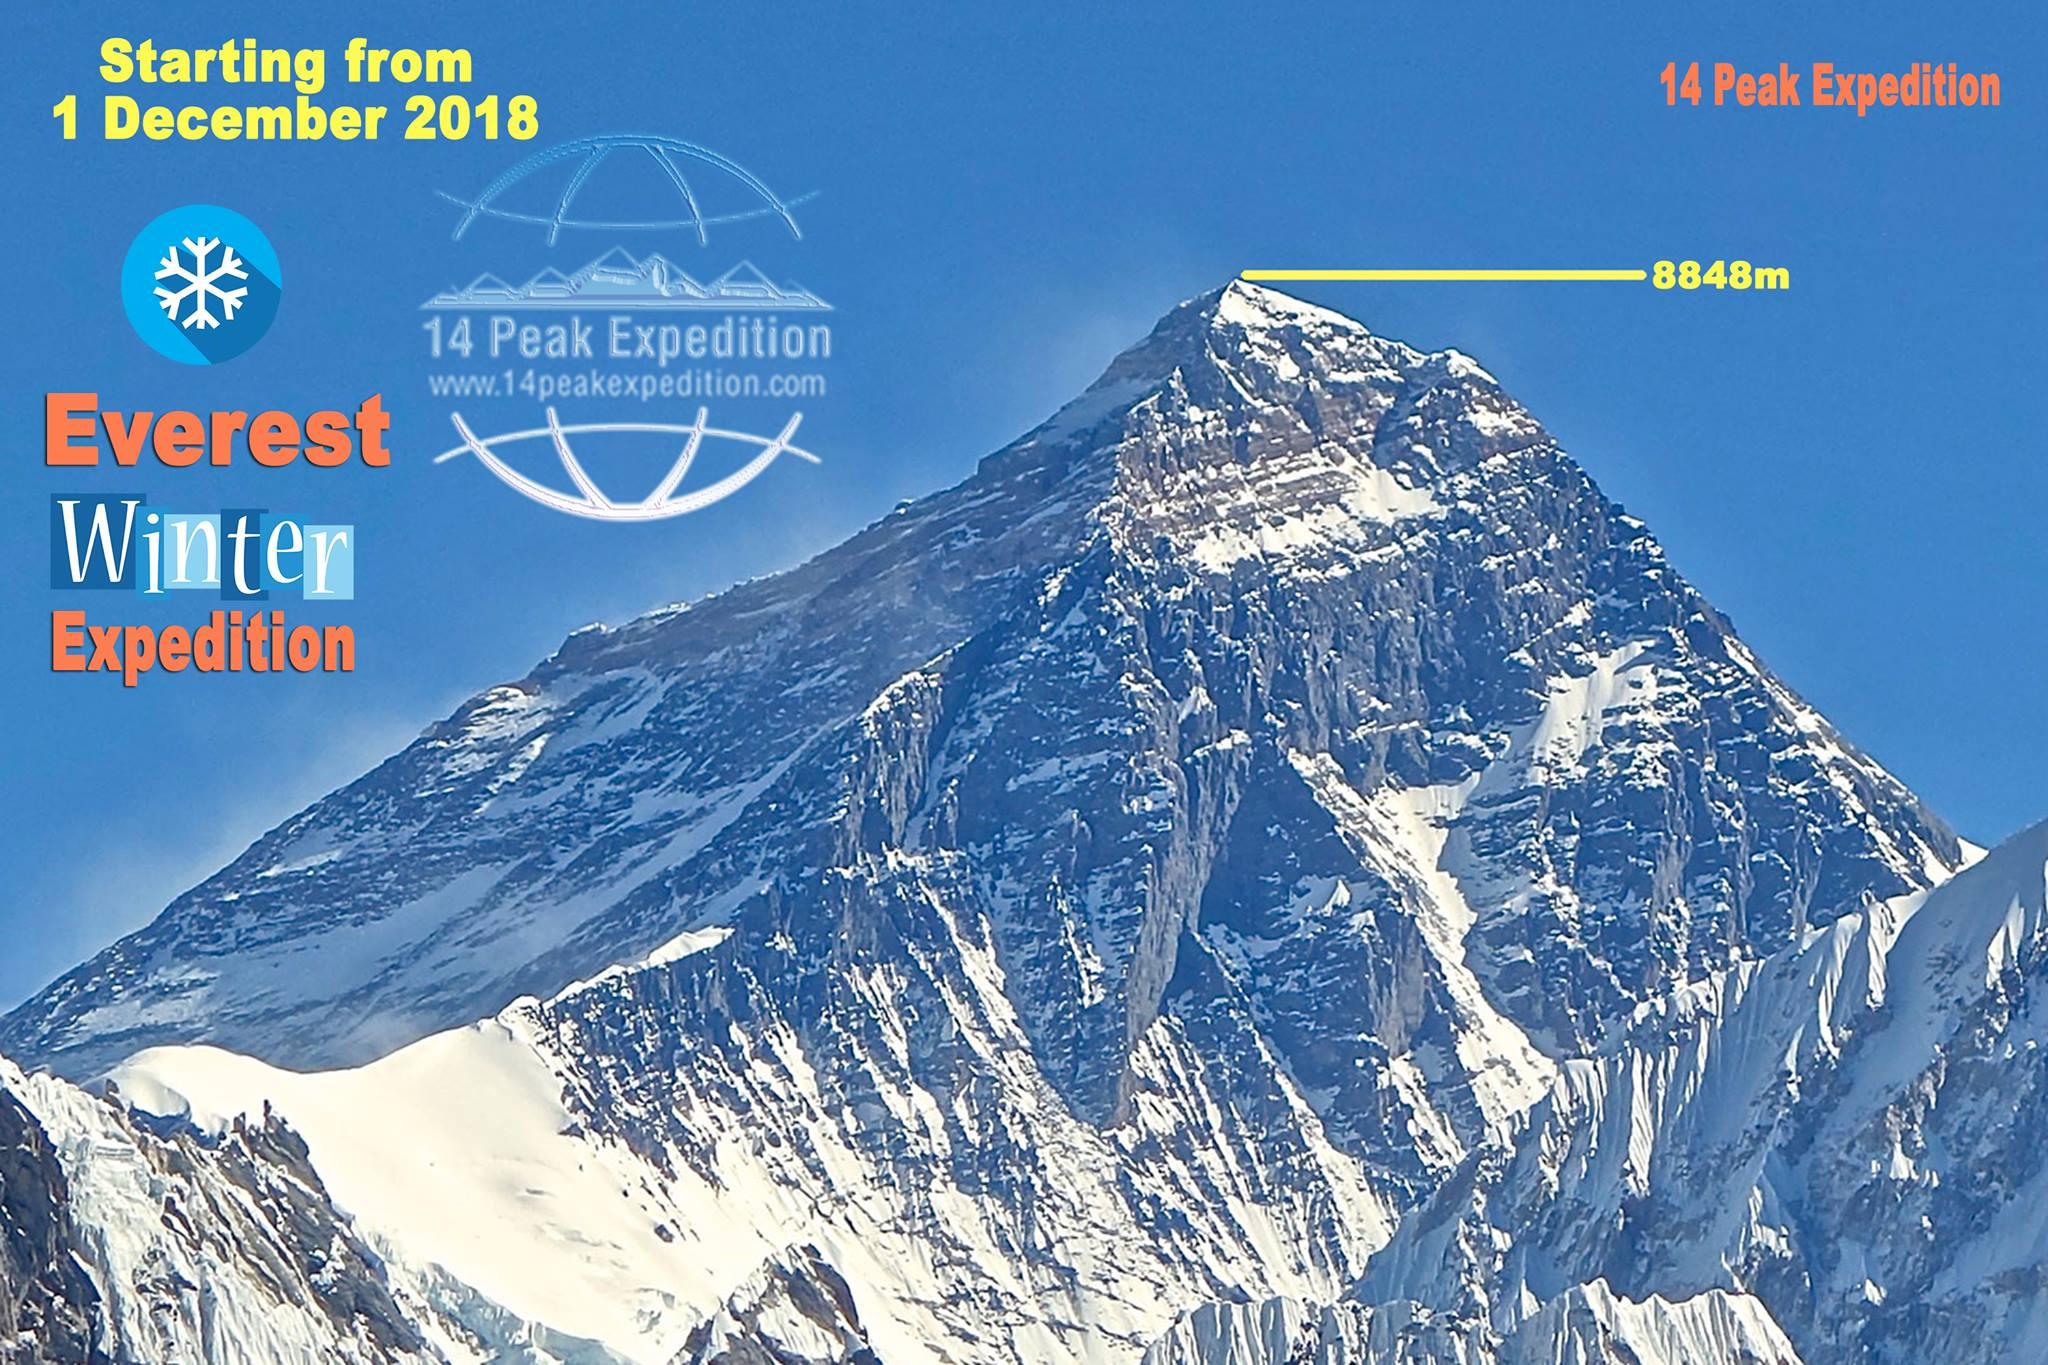 alpinismo, everest, invernali, spedizioni commerciali